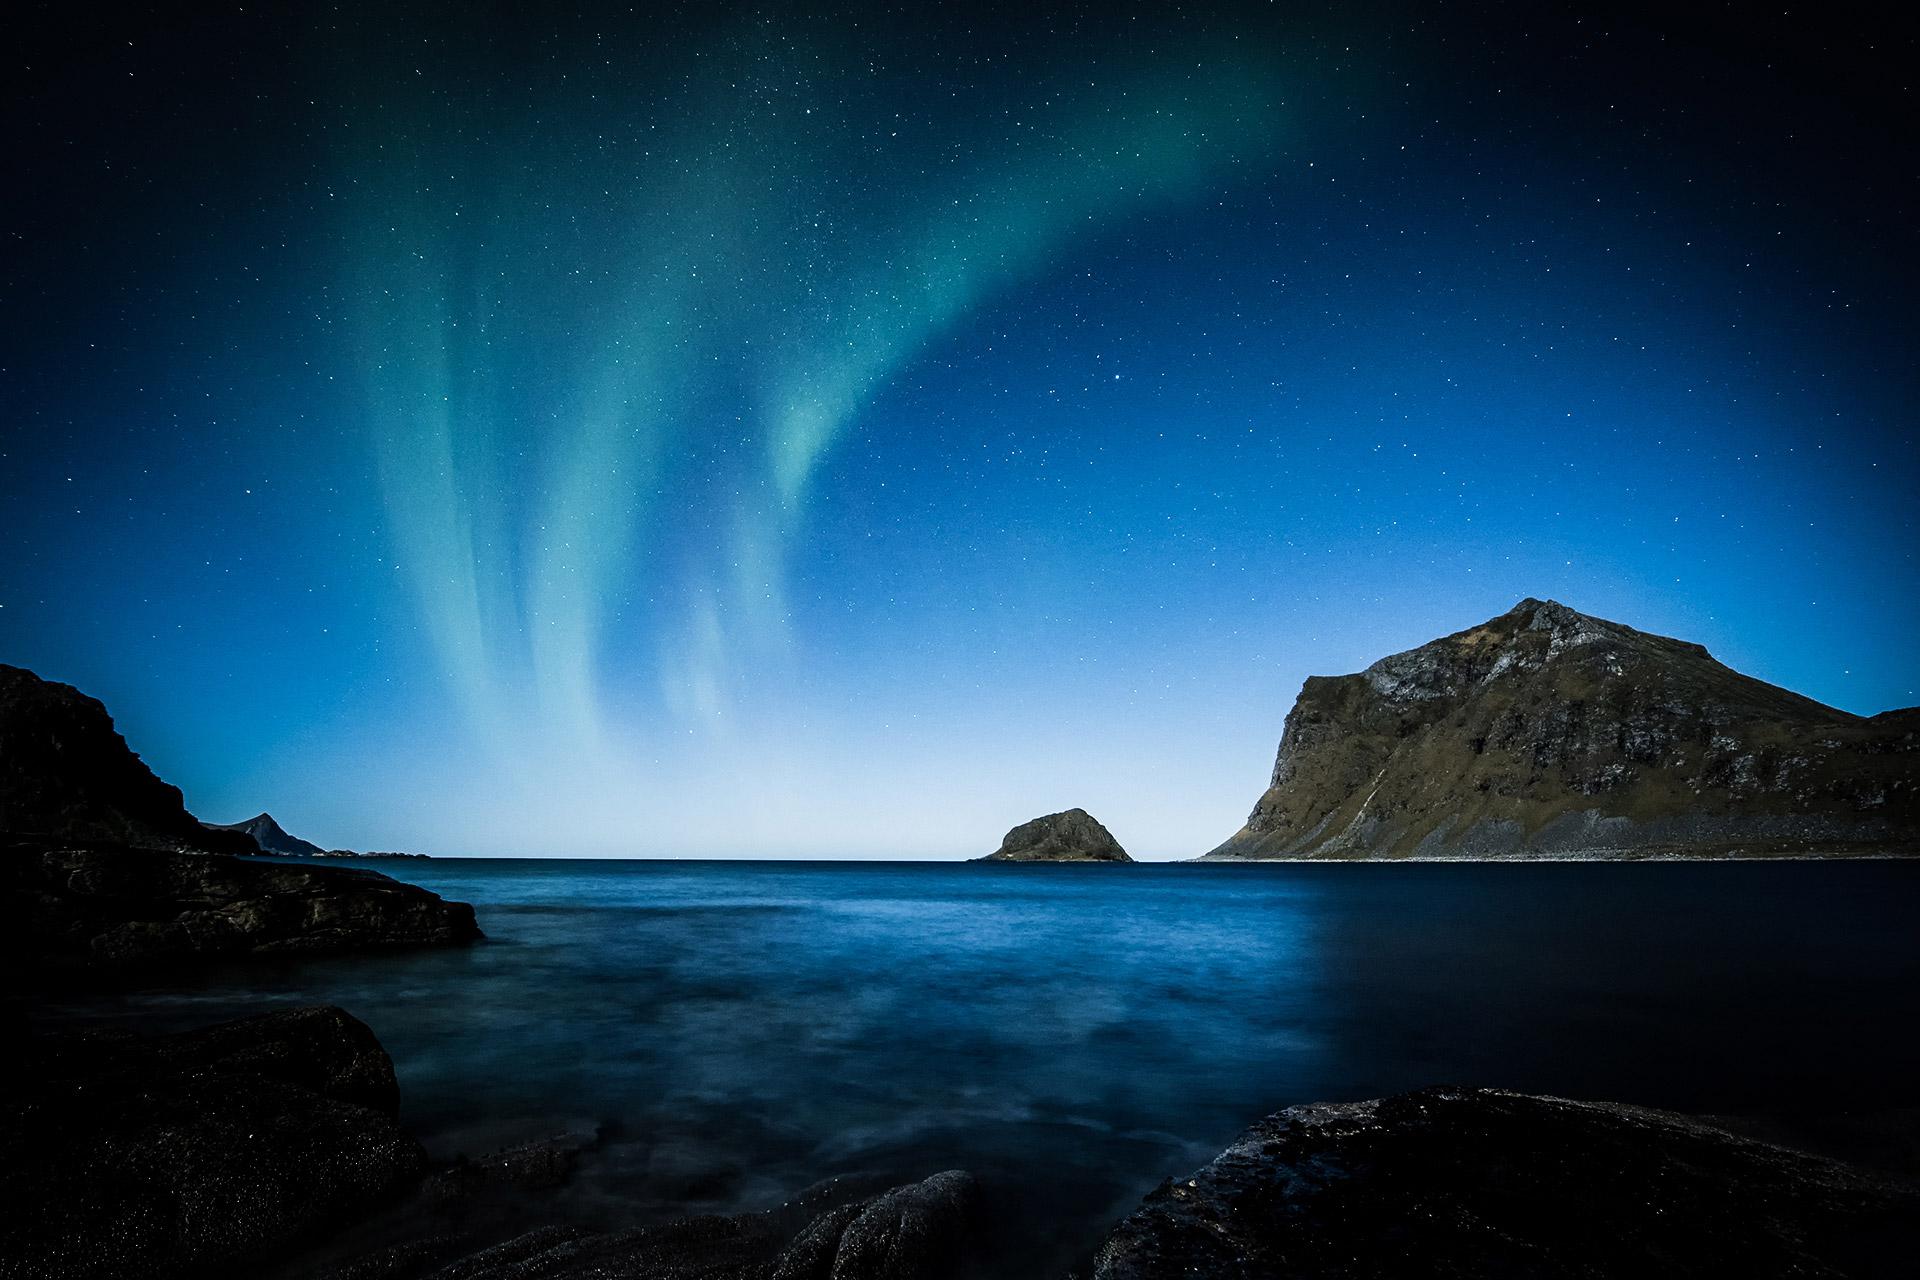 Viaje Fotográfico Lofoten - Auroras Boreales